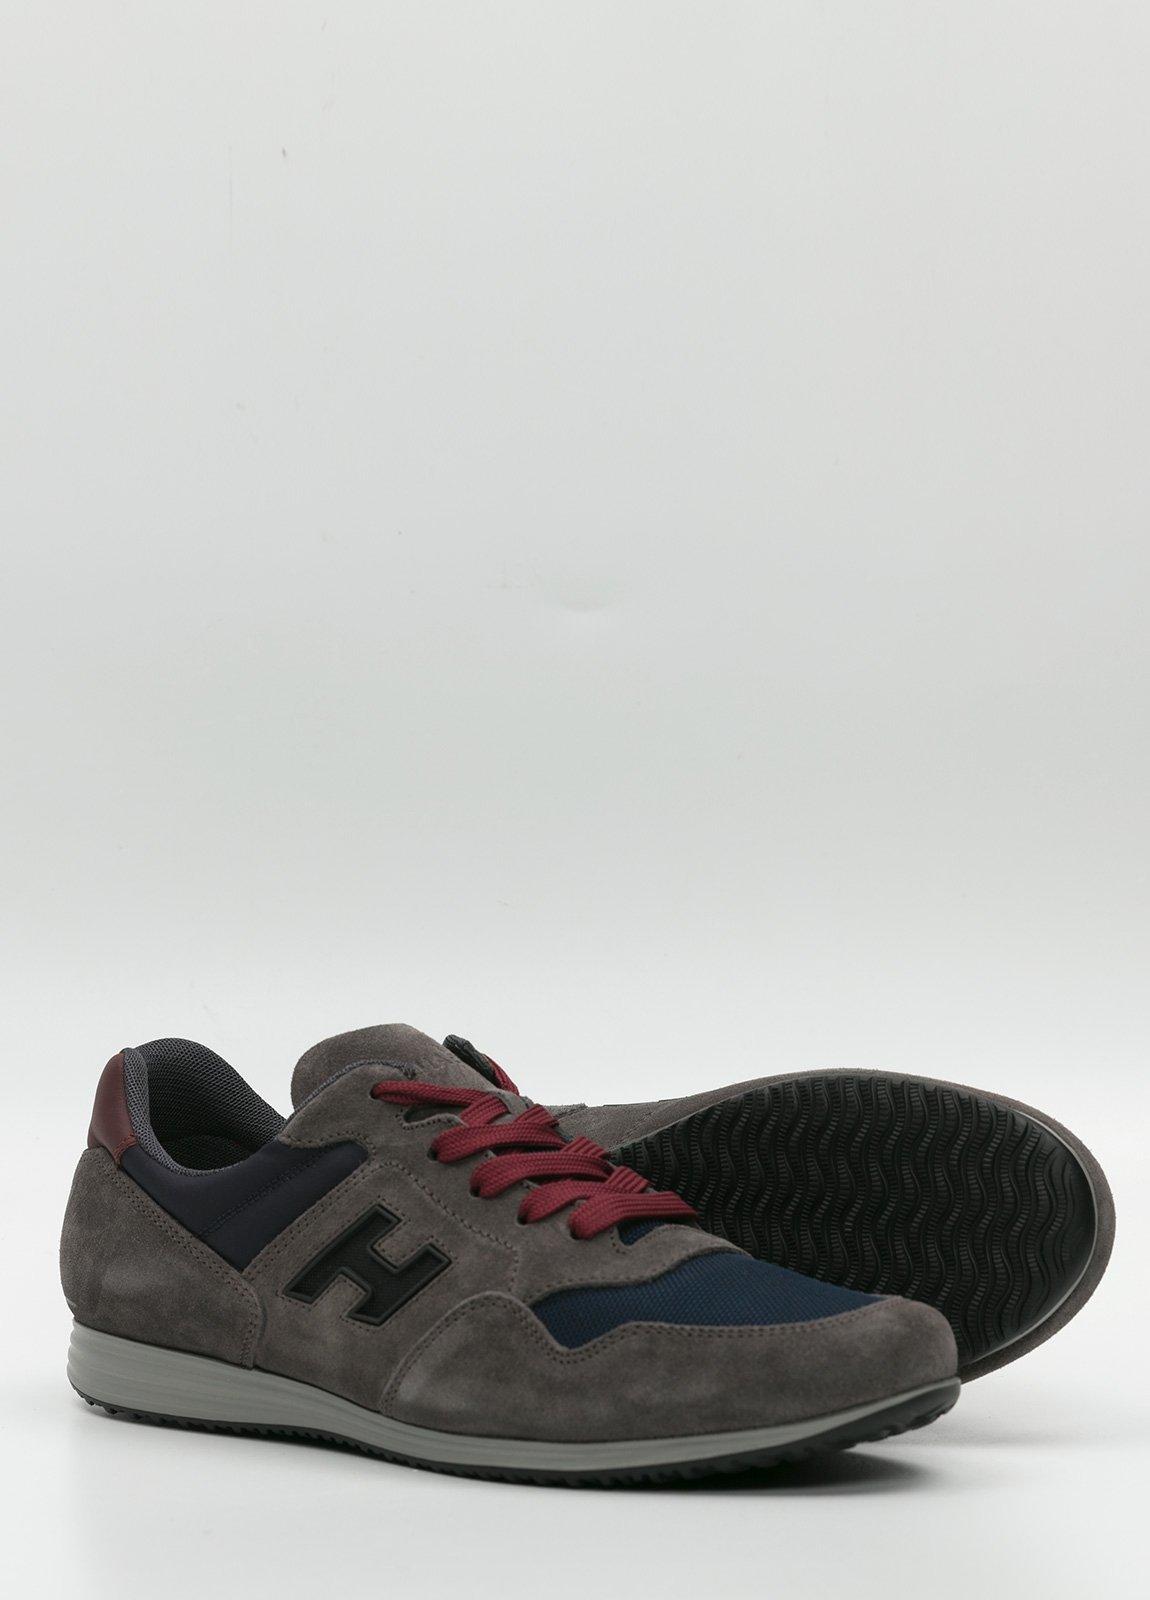 Calzado sport color gris y azul. Combinación de piel, ante y tejido técnico - Ítem4